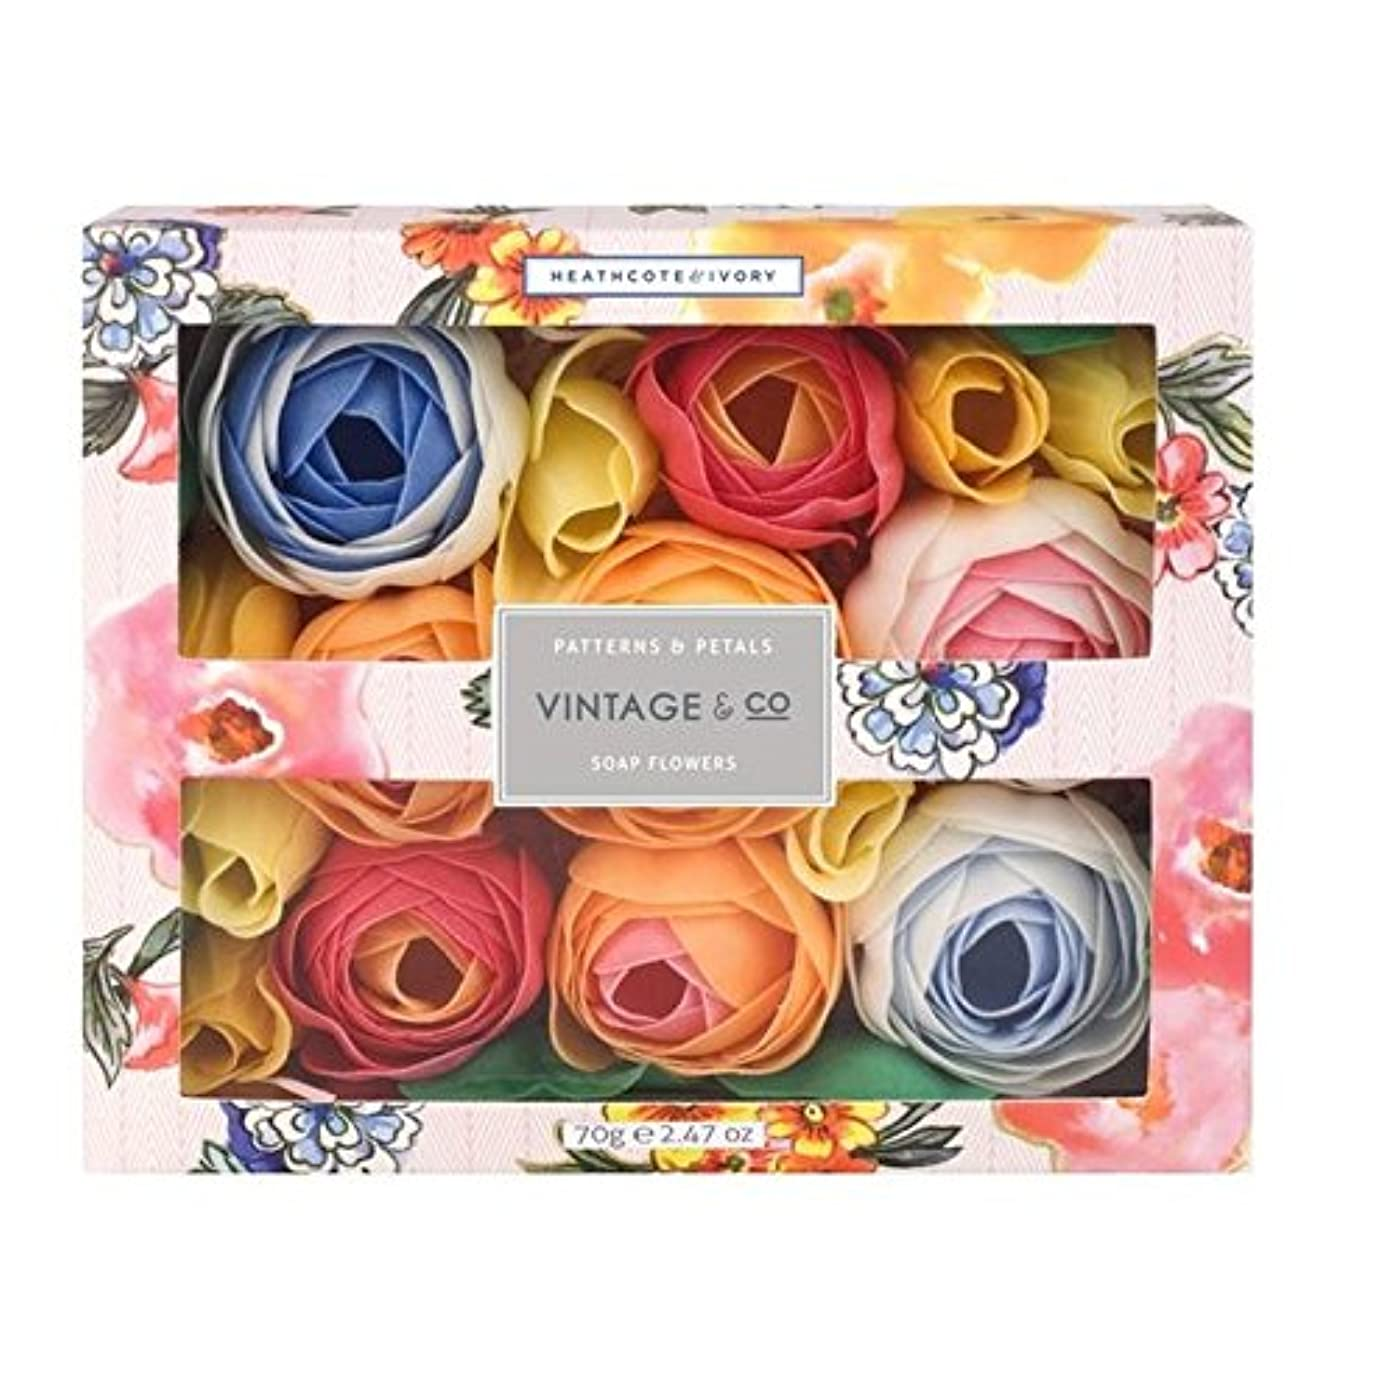 道を作る疲れた予約ヒースコート&アイボリーパターン&花びら石鹸の花70グラム x2 - Heathcote & Ivory Patterns & Petals Soap Flowers 70g (Pack of 2) [並行輸入品]